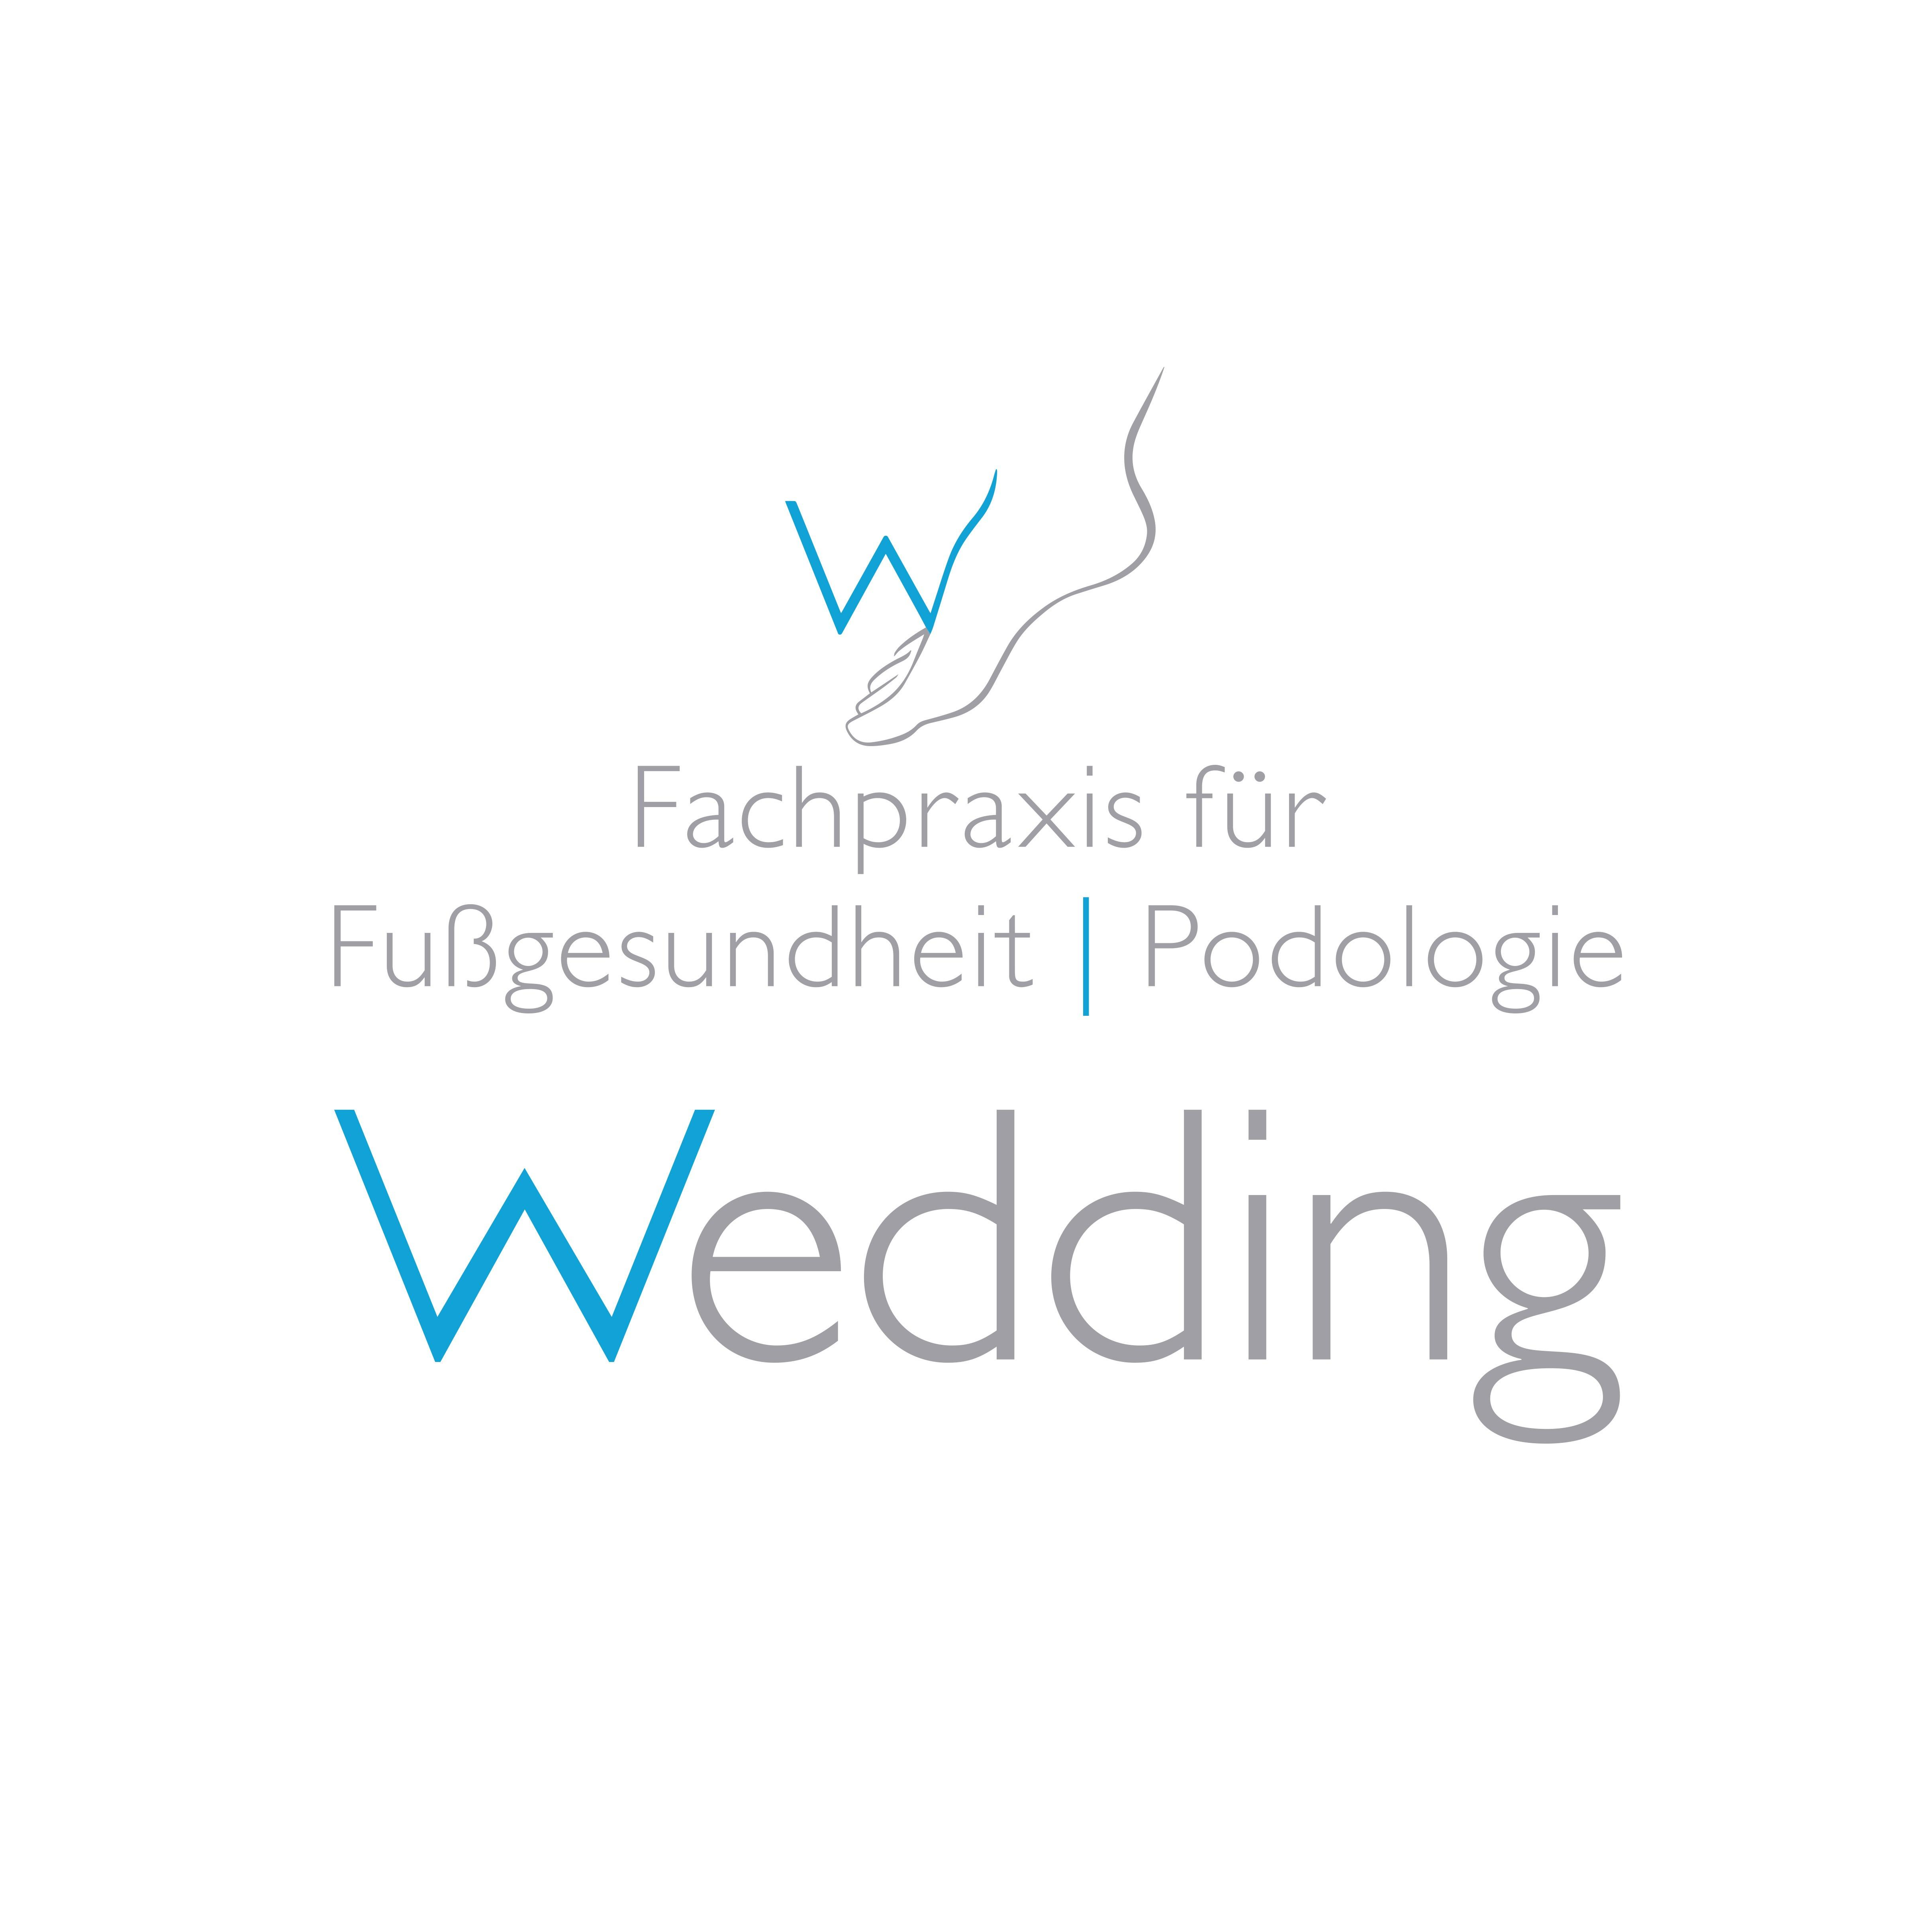 Fachpraxis für Fußgesundheit und Podologie Wedding